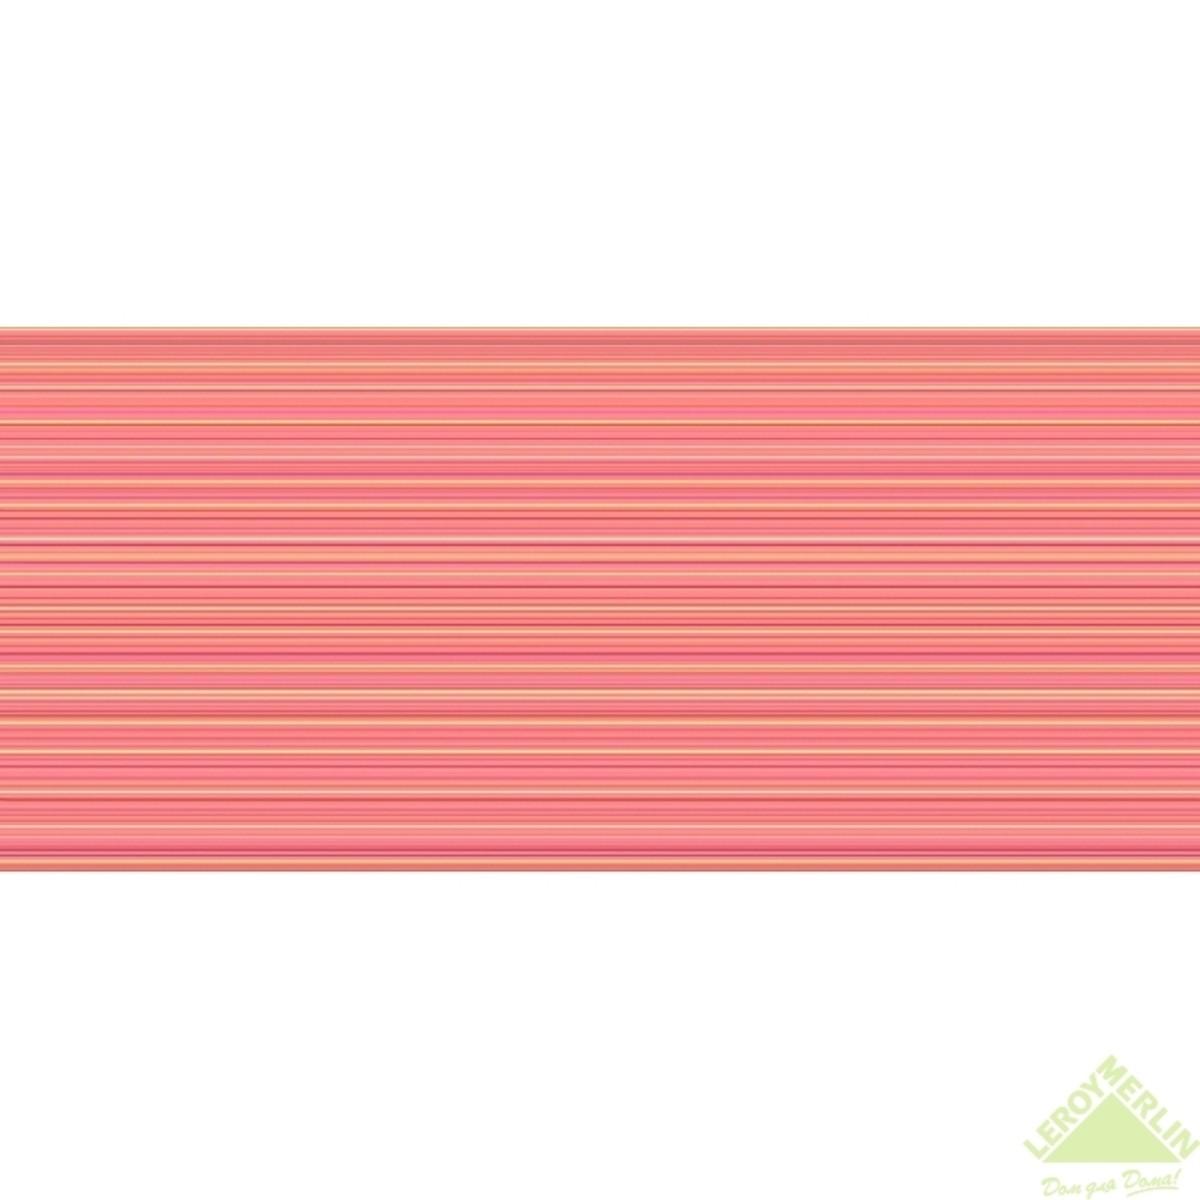 Плитка настенная Sunrise цвет оранжевый 20x44 см 105 м2